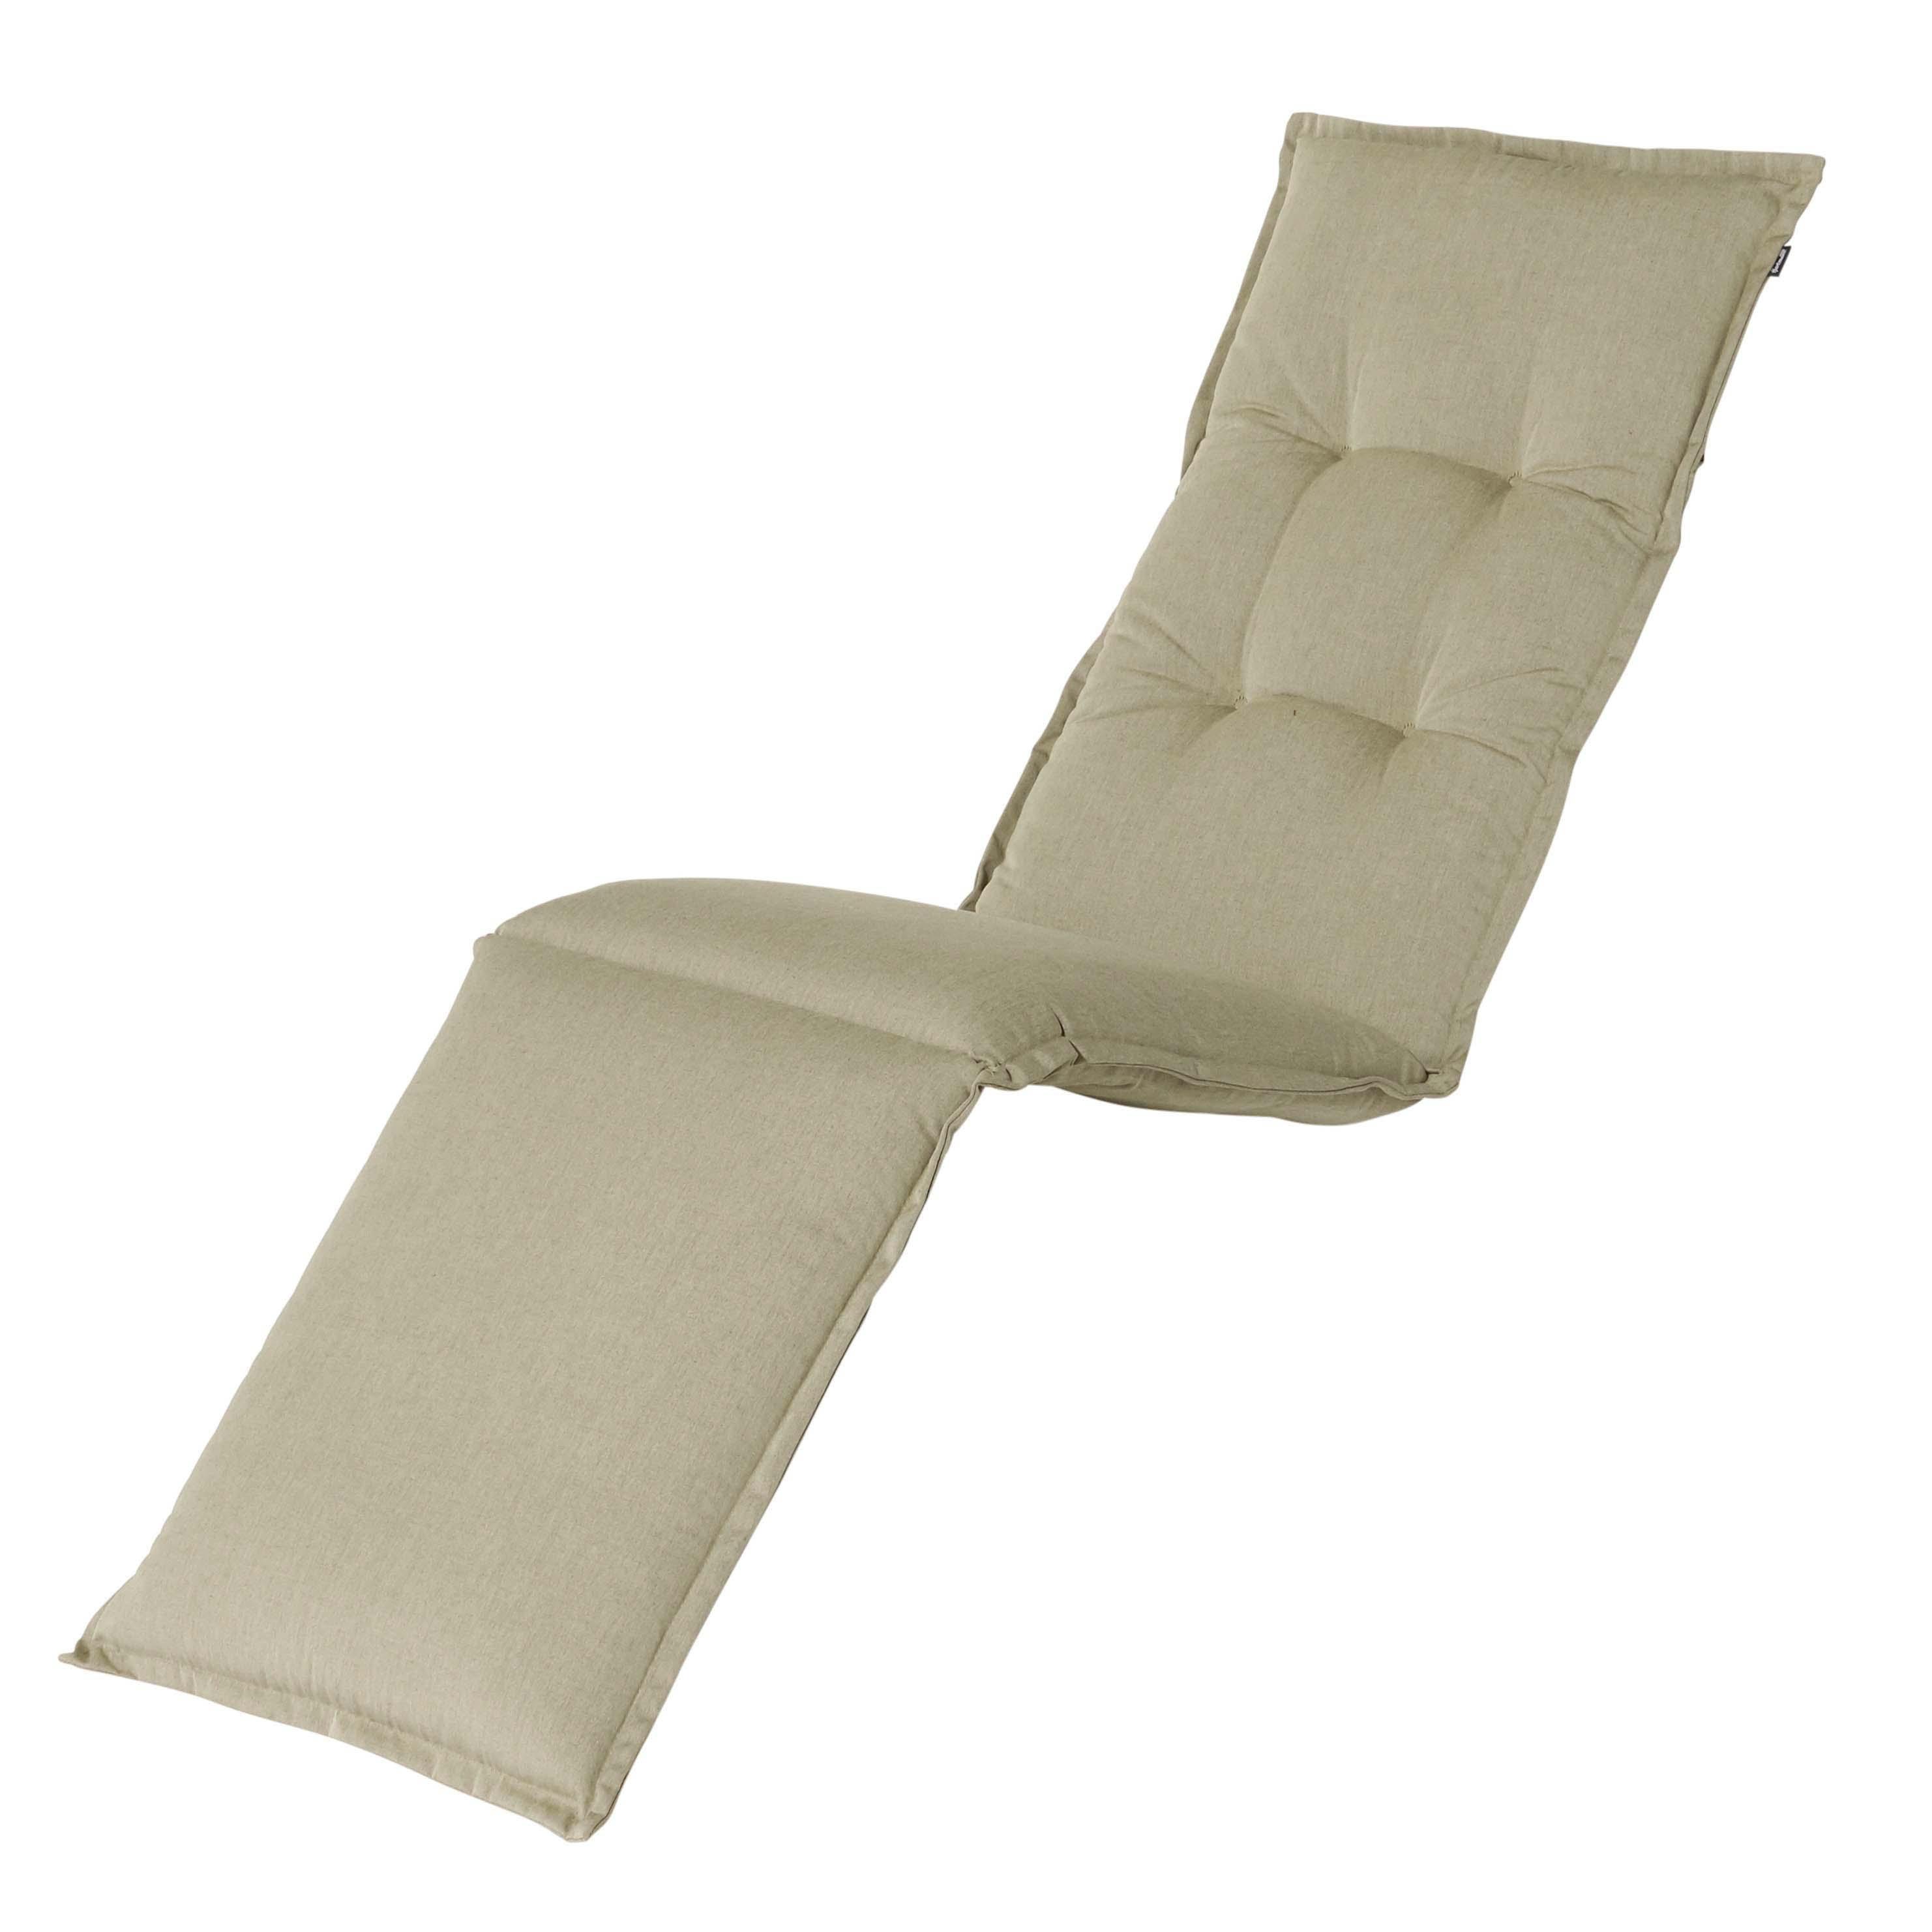 Auflage Deckchair - Havana Jute